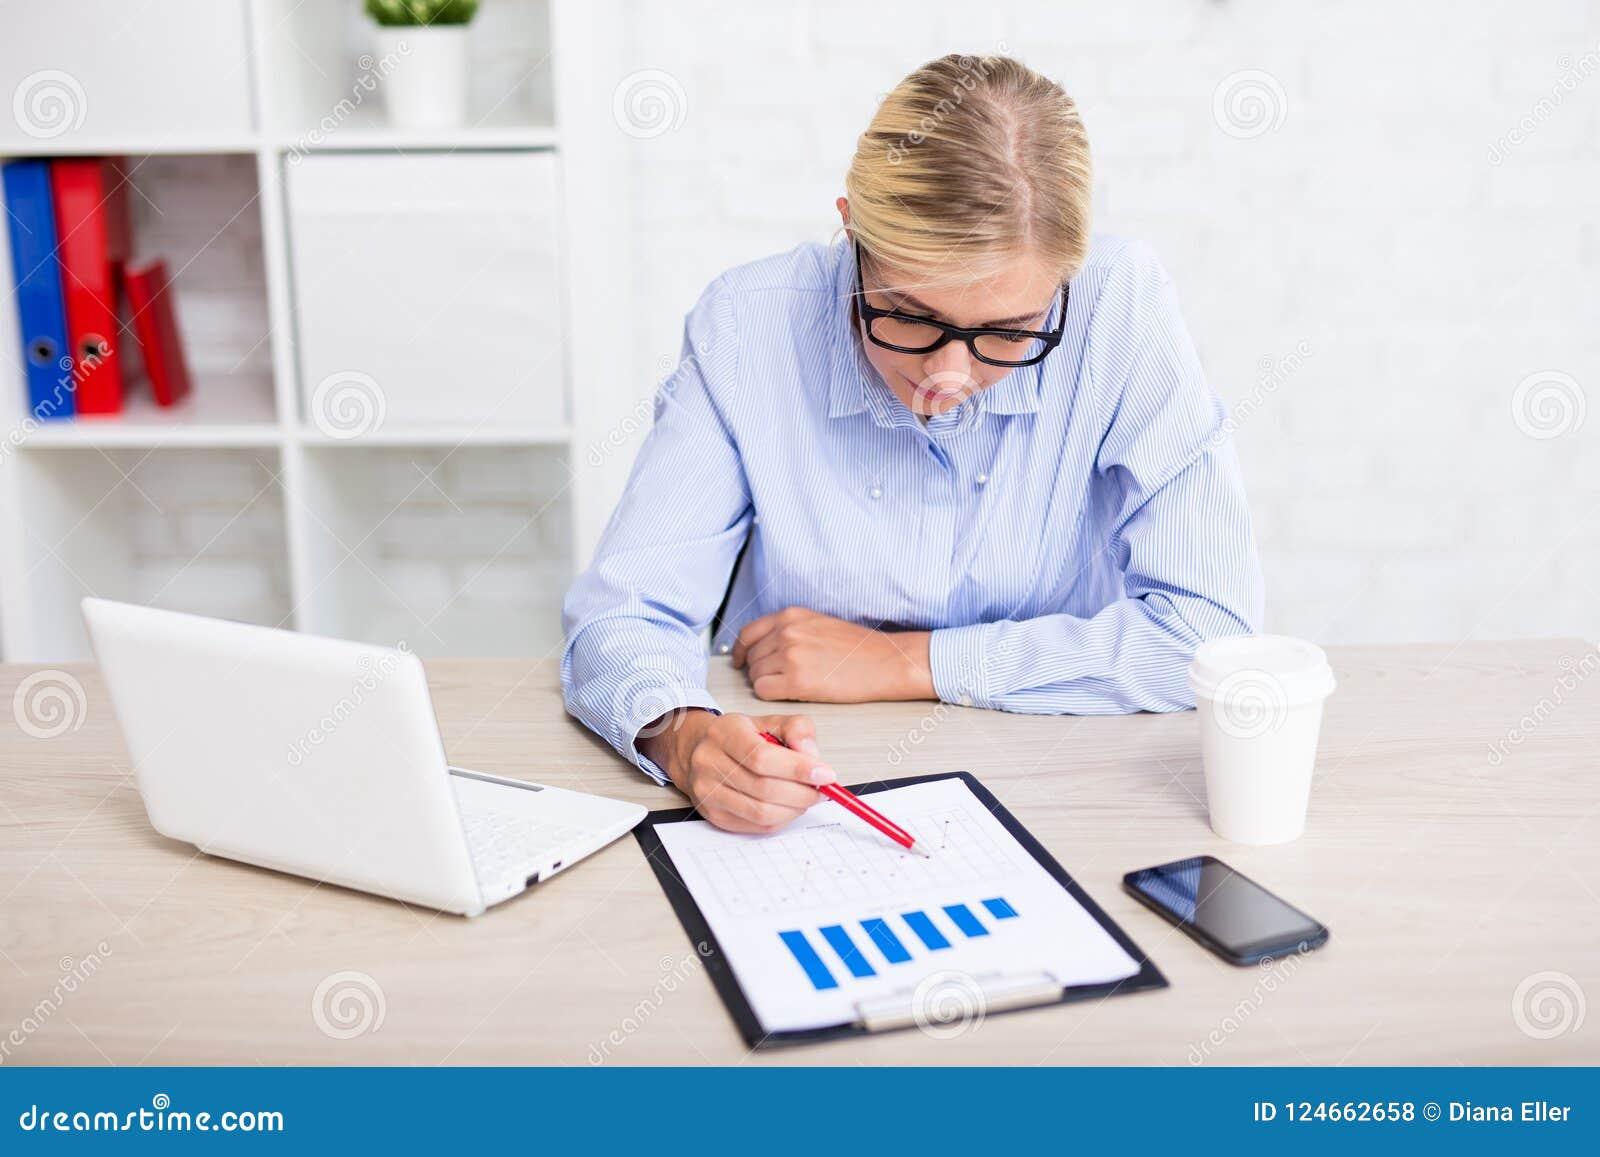 Zaken en statistiekenconcept - bedrijfsvrouw met grafieken en